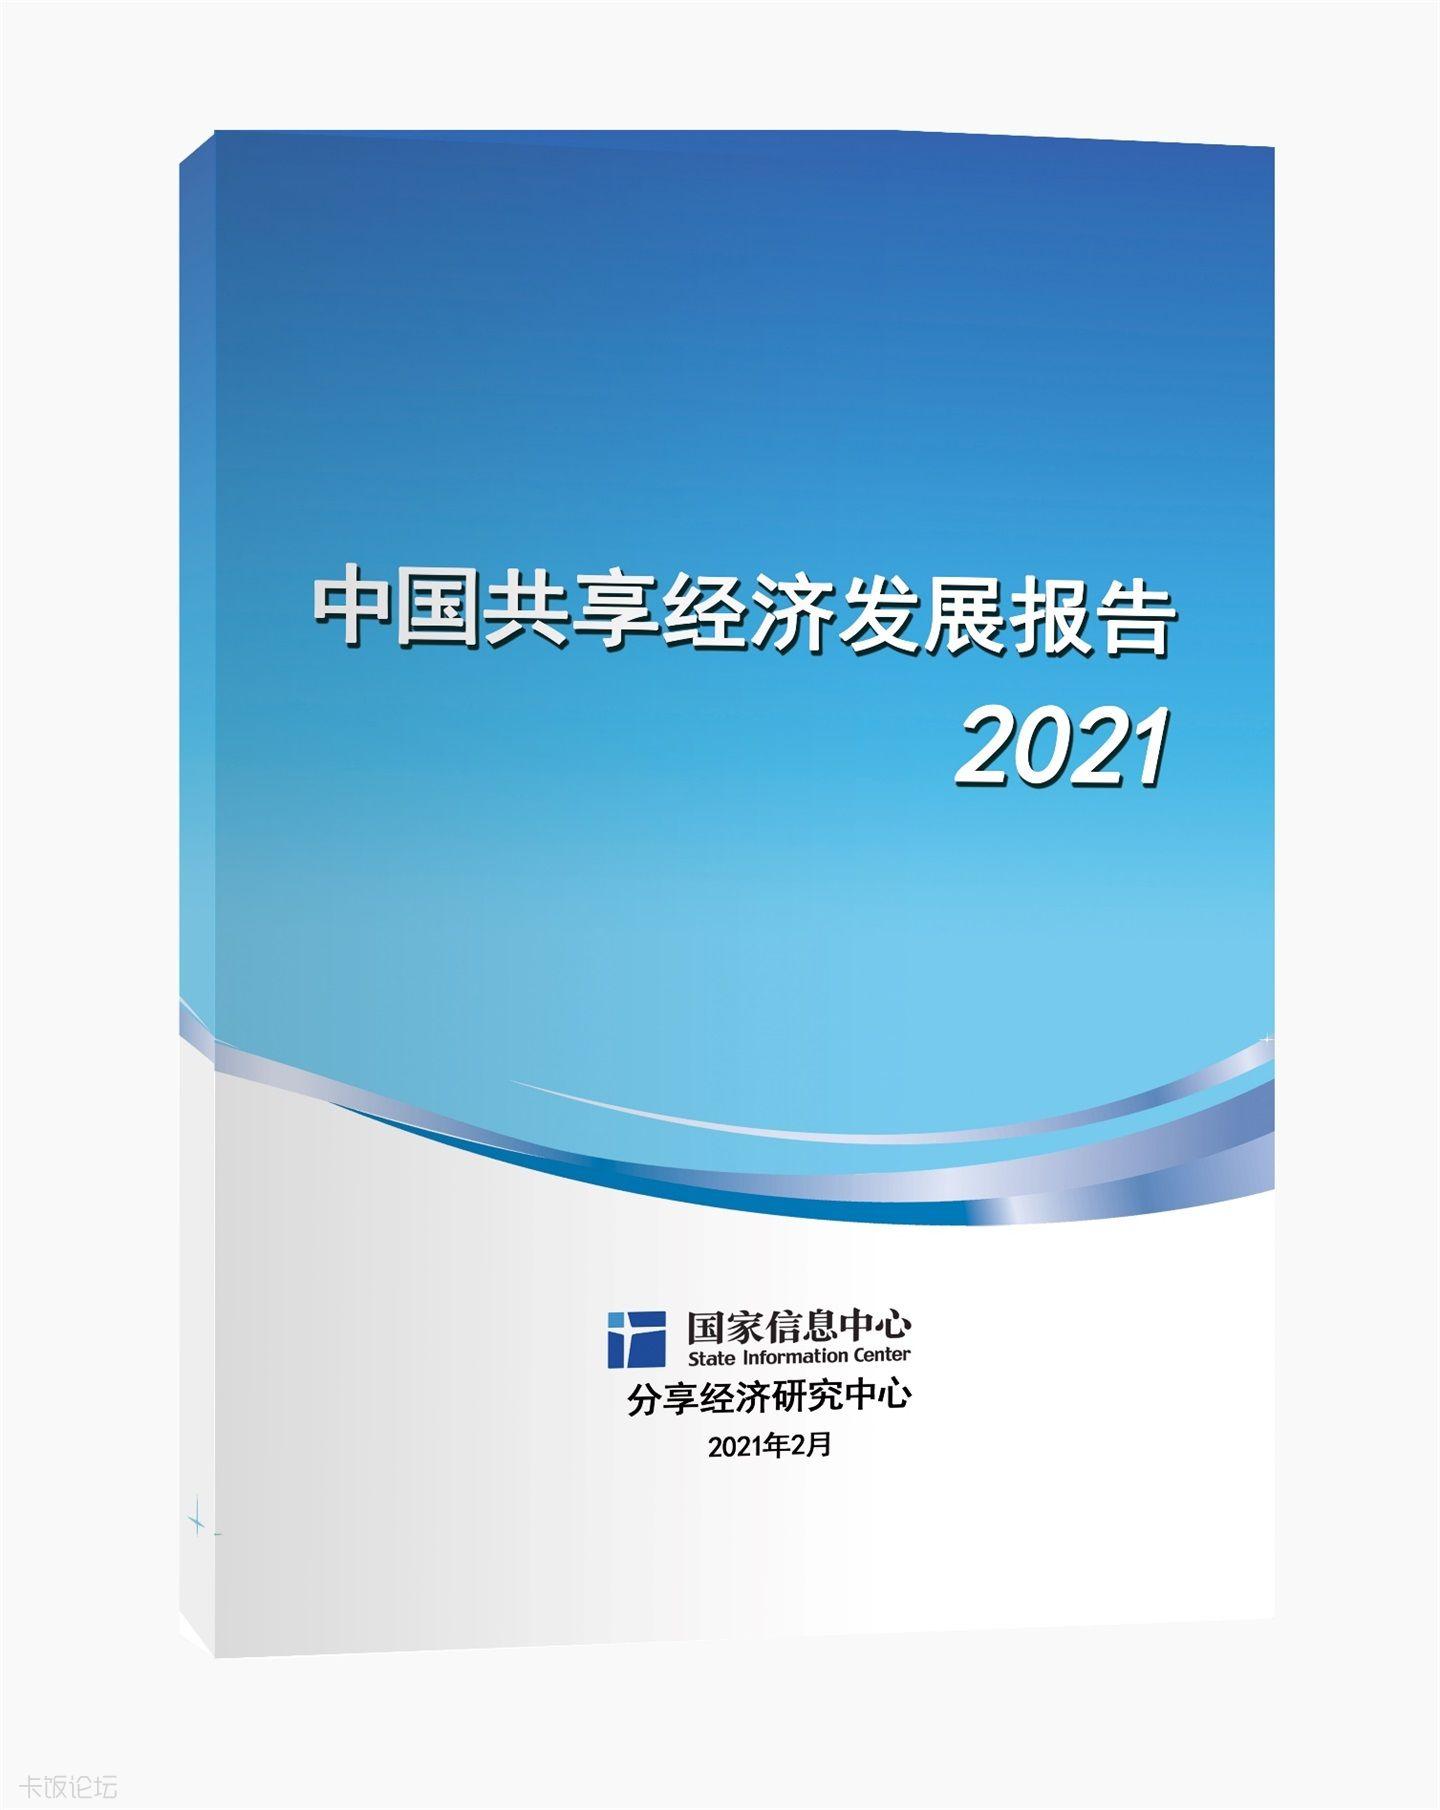 20210222_164114_723.jpeg